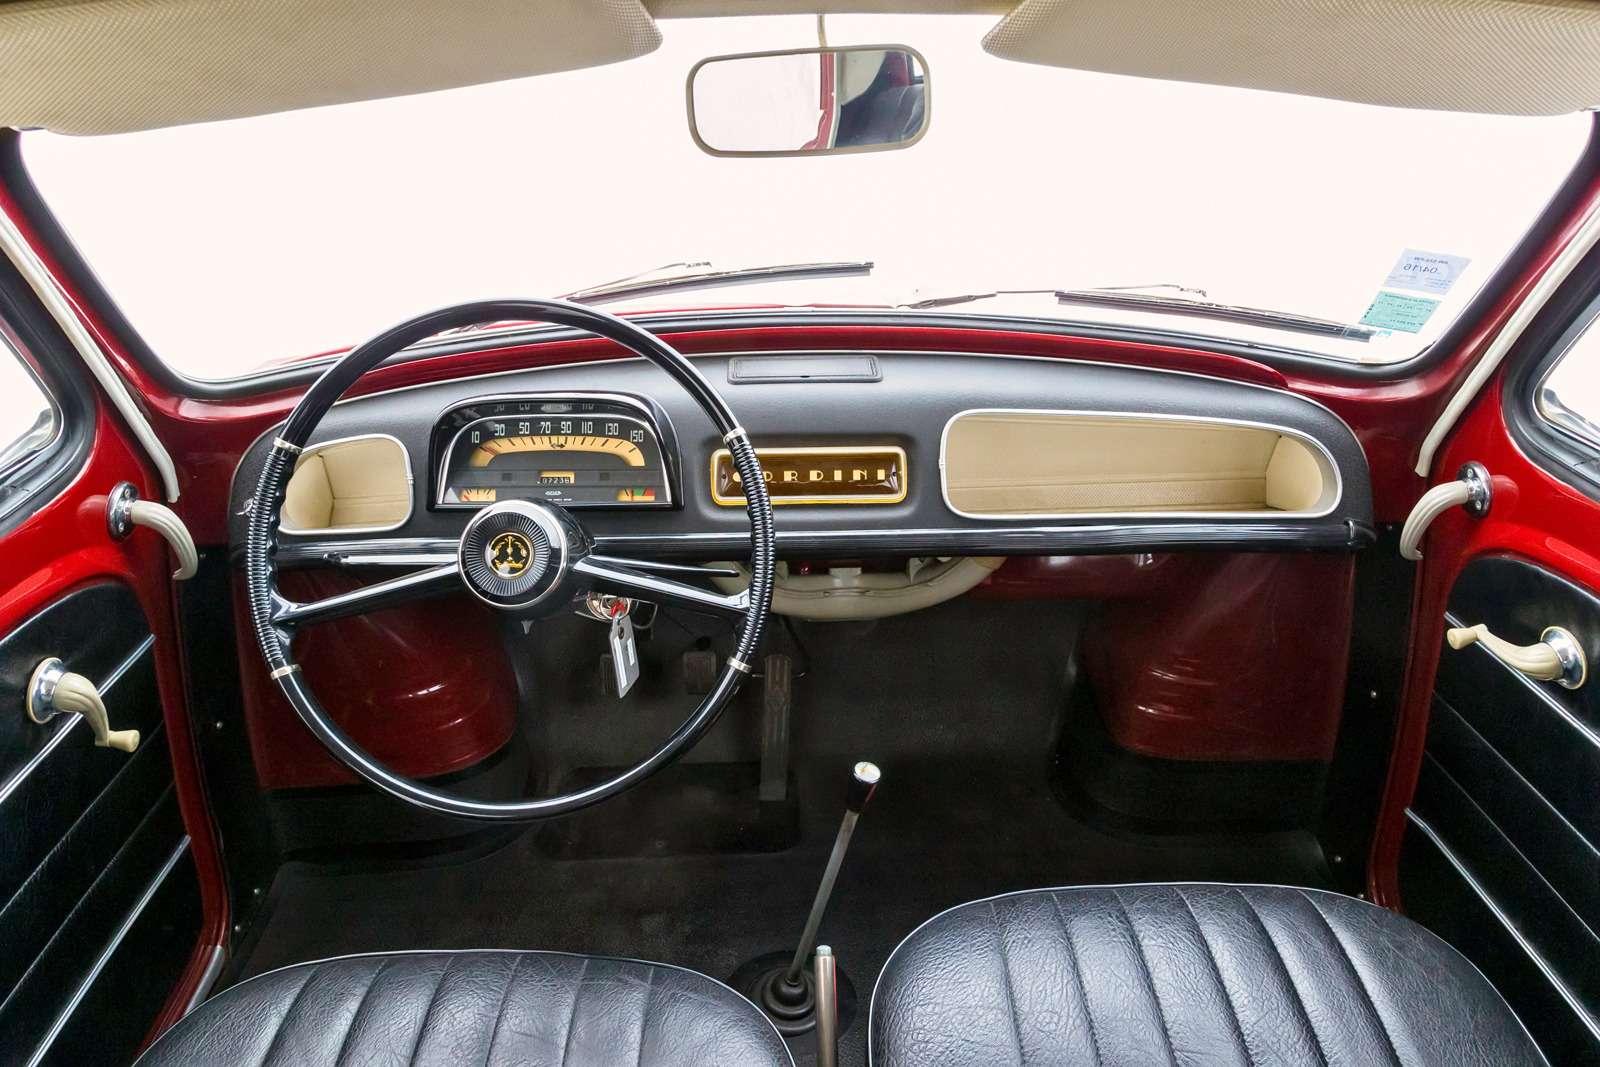 16-Renault-old_zr-01_16